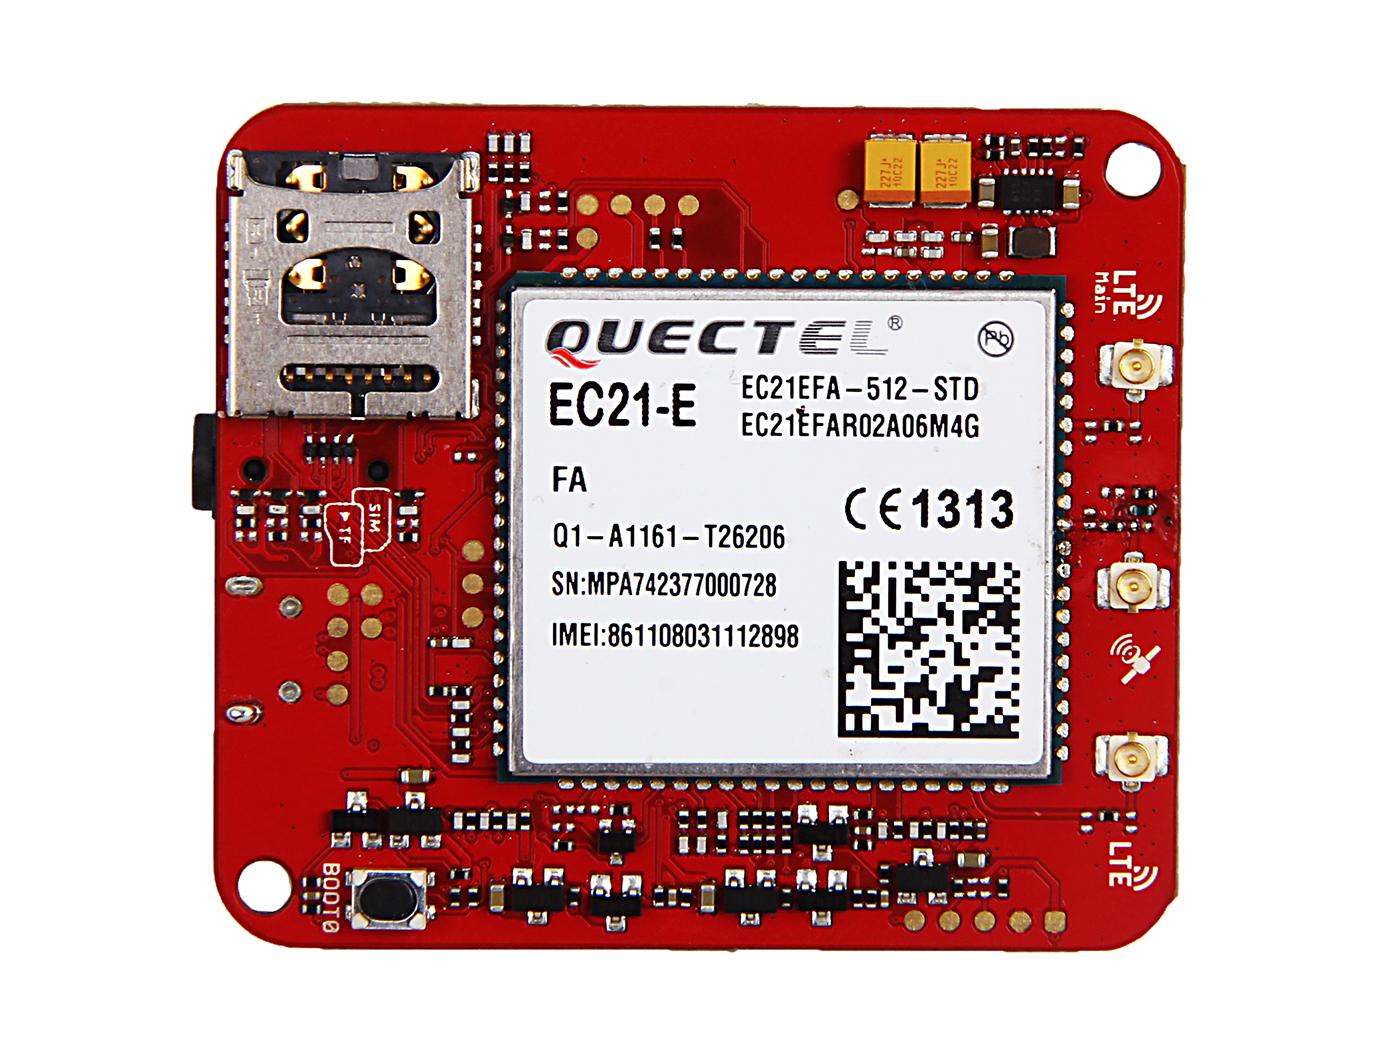 Wio LTE EU Version - 4G, Cat.1, GNSS, Espruino Compatible